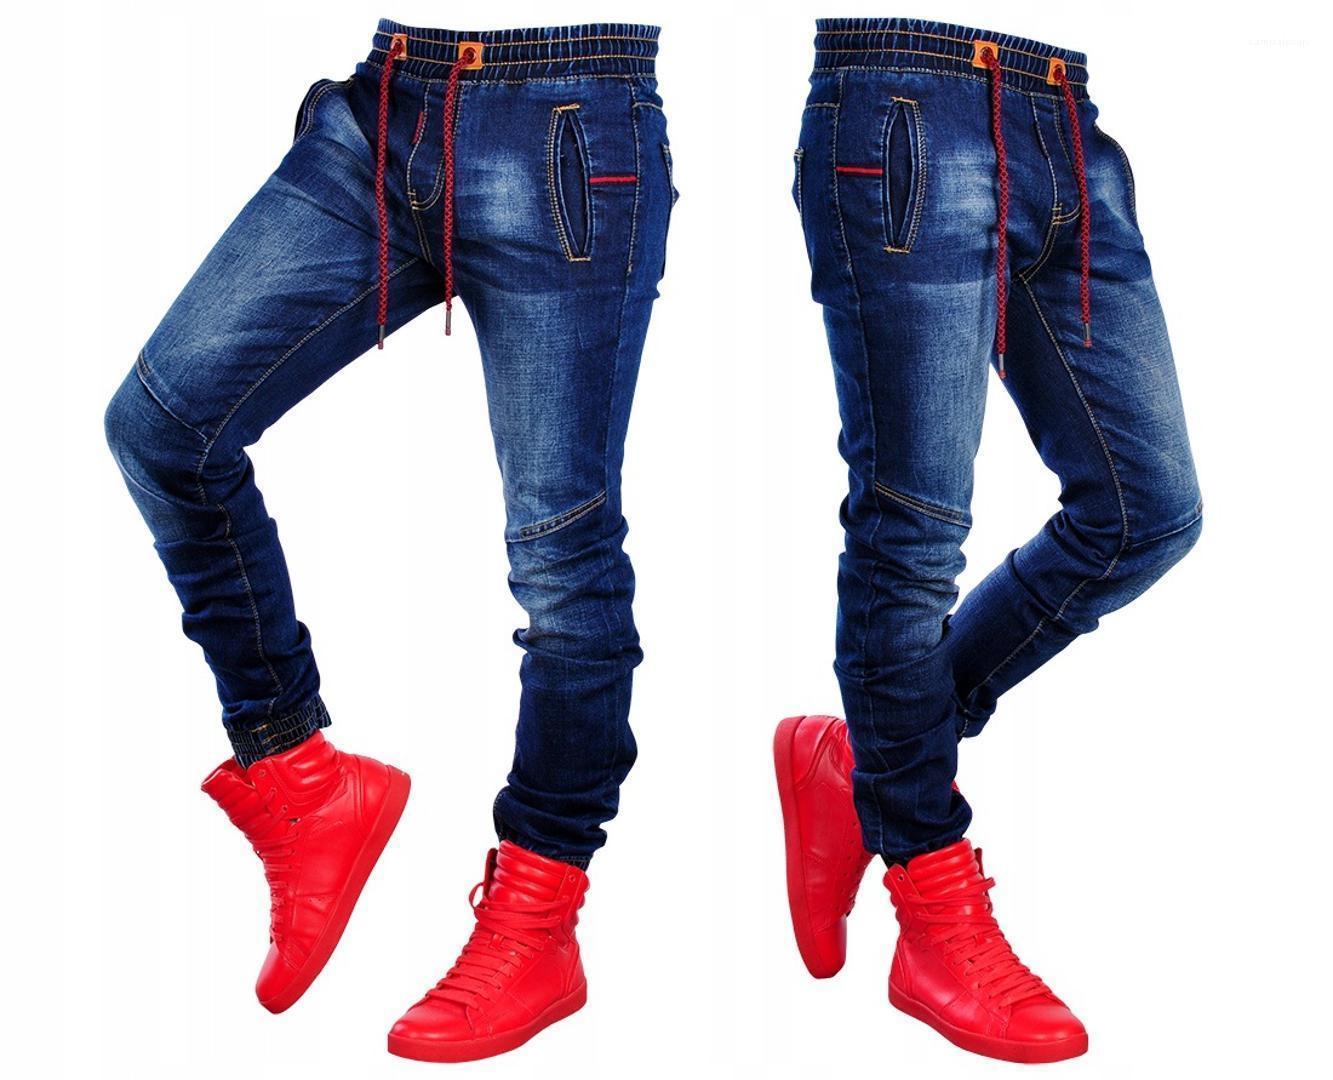 Diseñador Lavado Pantalones de cintura JOGGER PANTALONES PANTALONES MASCULARES Denim azul Primavera Ropa Elástica Jeans KWXCP